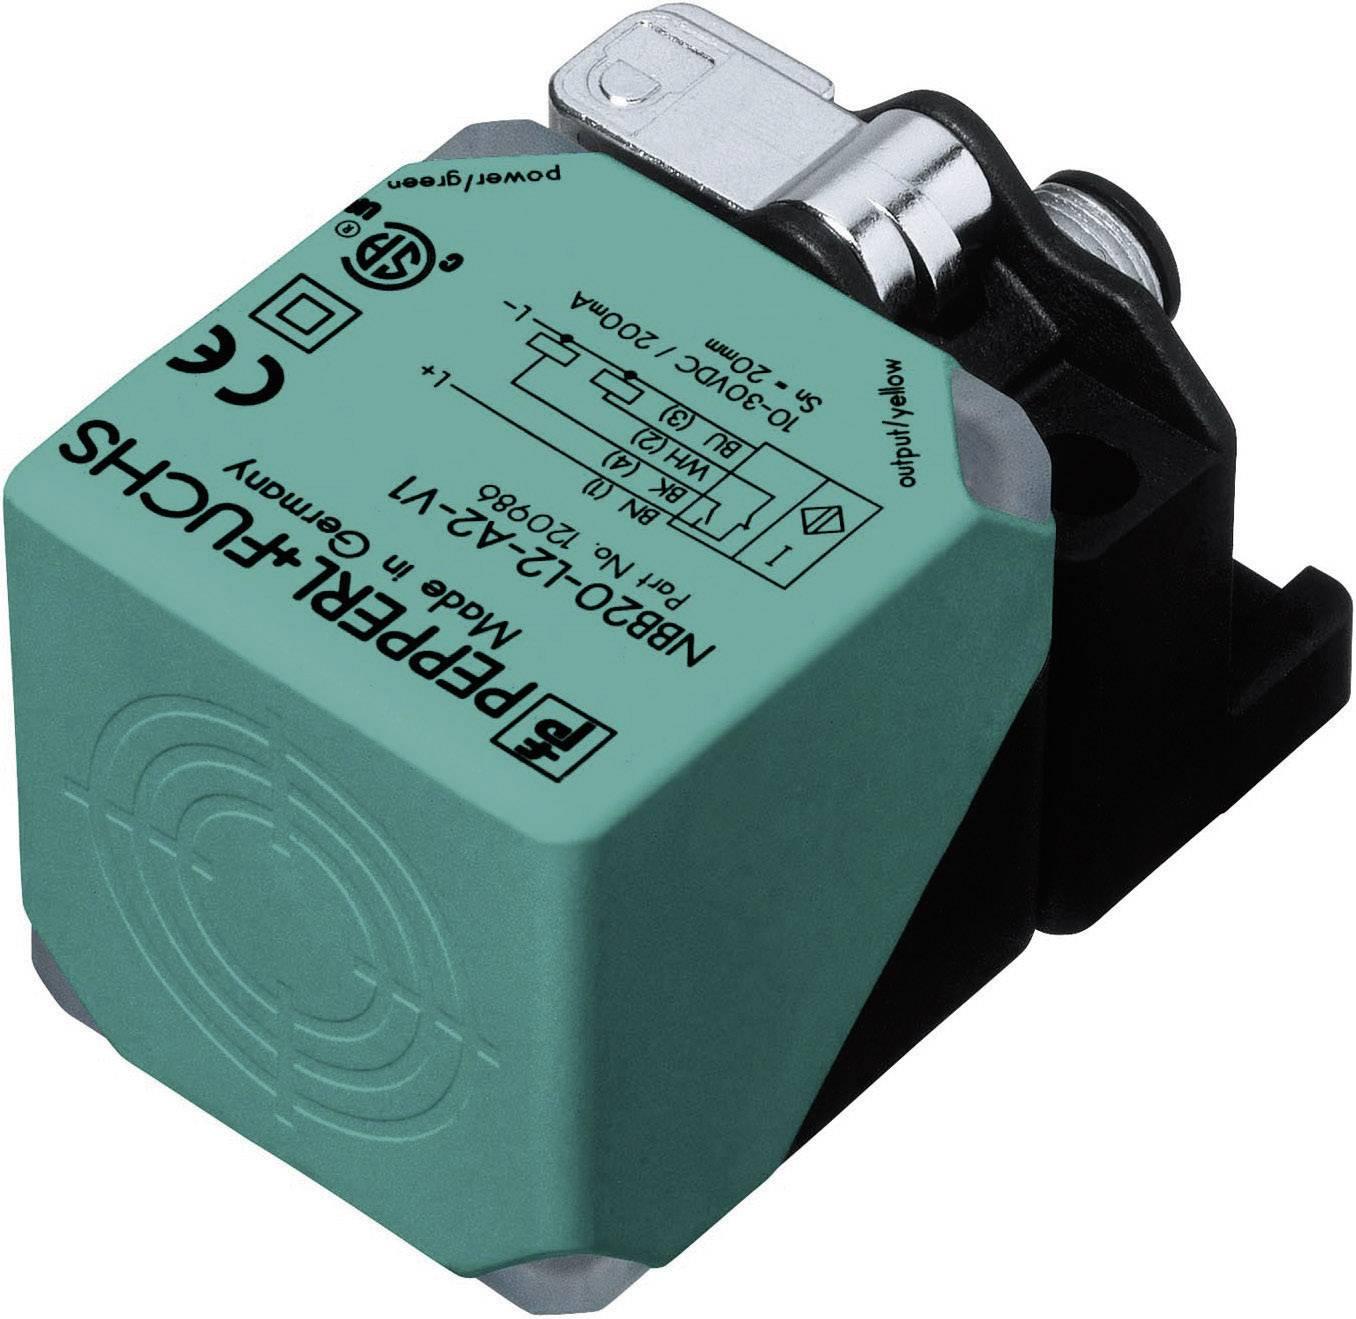 Indukční senzor přiblížení Pepperl & Fuchs NBB20-L2-A2-V1, 20 mm, IP69K